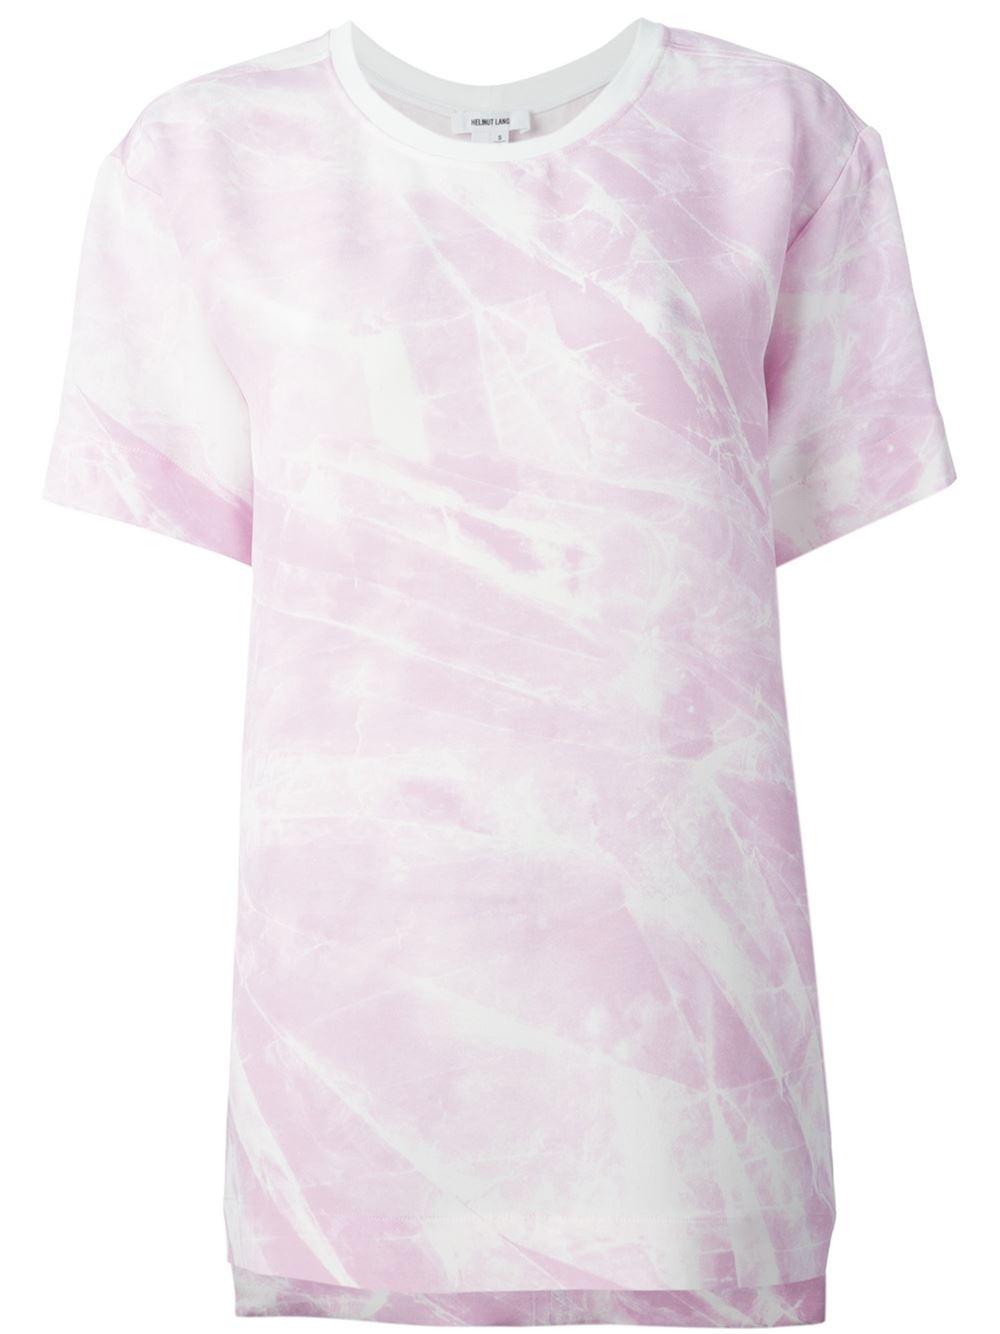 helmut lang oversize t shirt in pink pink purple lyst. Black Bedroom Furniture Sets. Home Design Ideas